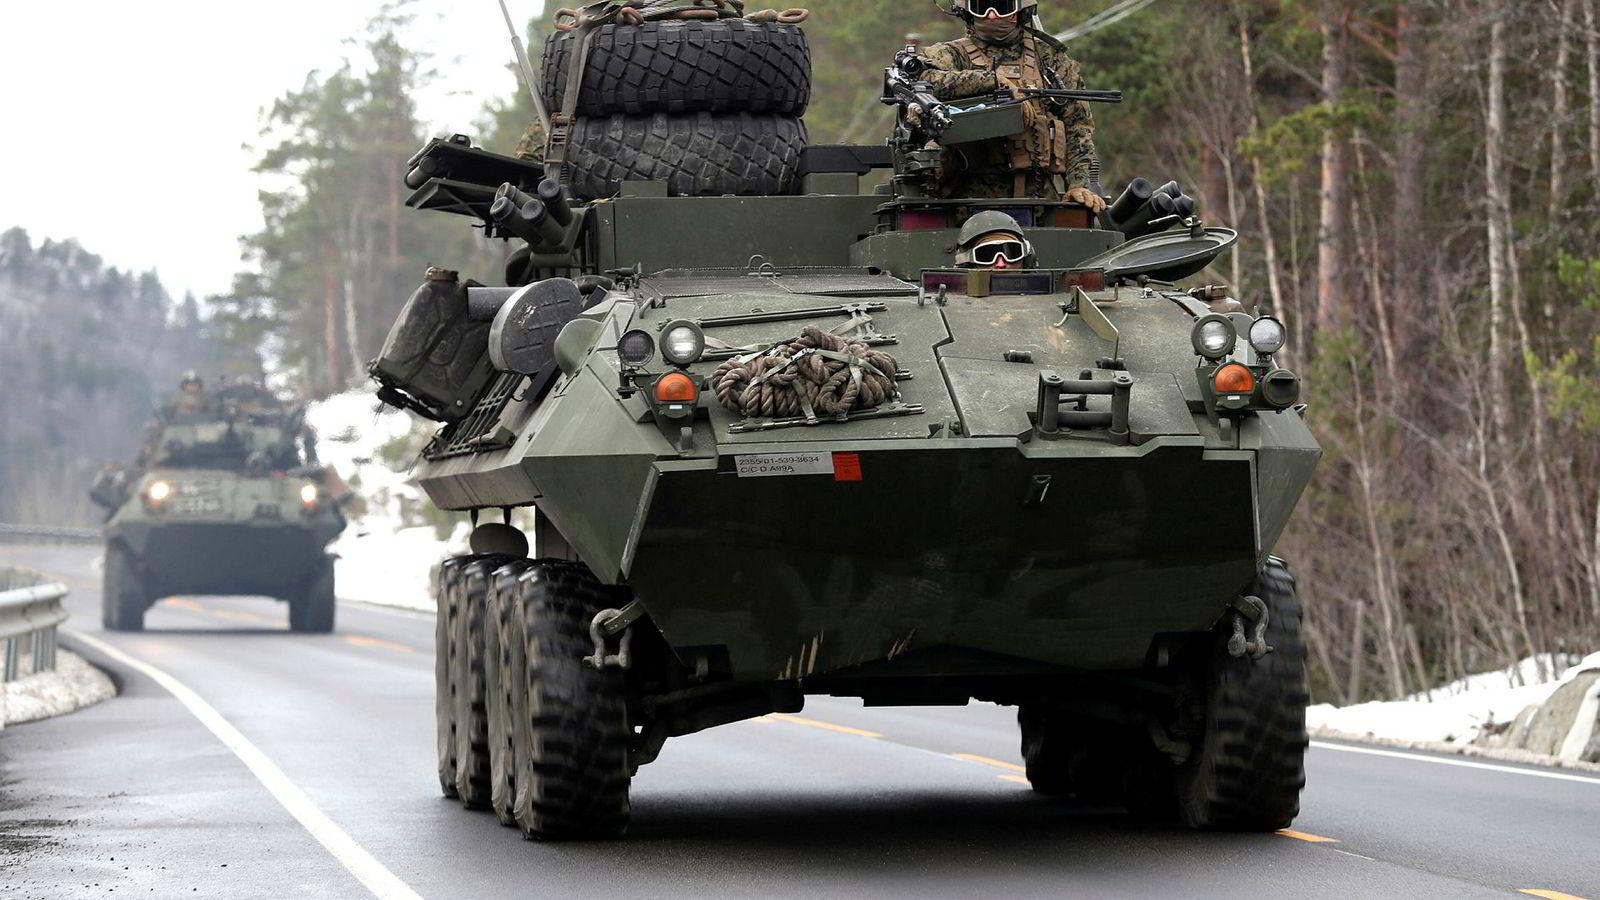 Russland har meget forutsigbart protestert kraftig mot den pågående Nato-øvelsen Trident Juncture, og tyr i den forbindelse sågar til missilskytinger utenfor norskekysten for å markere sin misnøye.